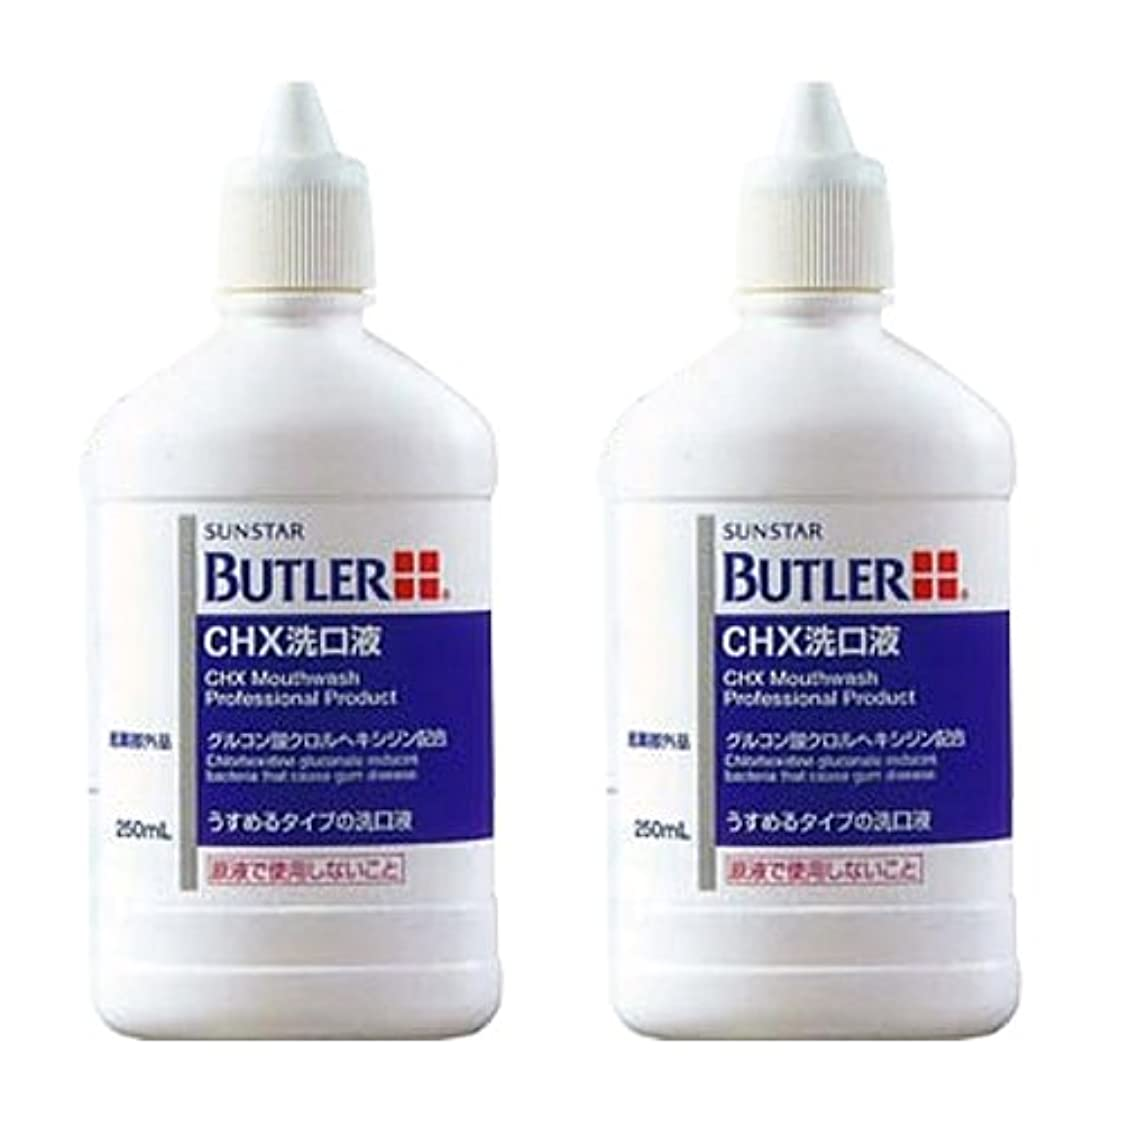 ジェムお酒居心地の良いサンスター バトラー CHX 洗口液 250ml × 2本 医薬部外品